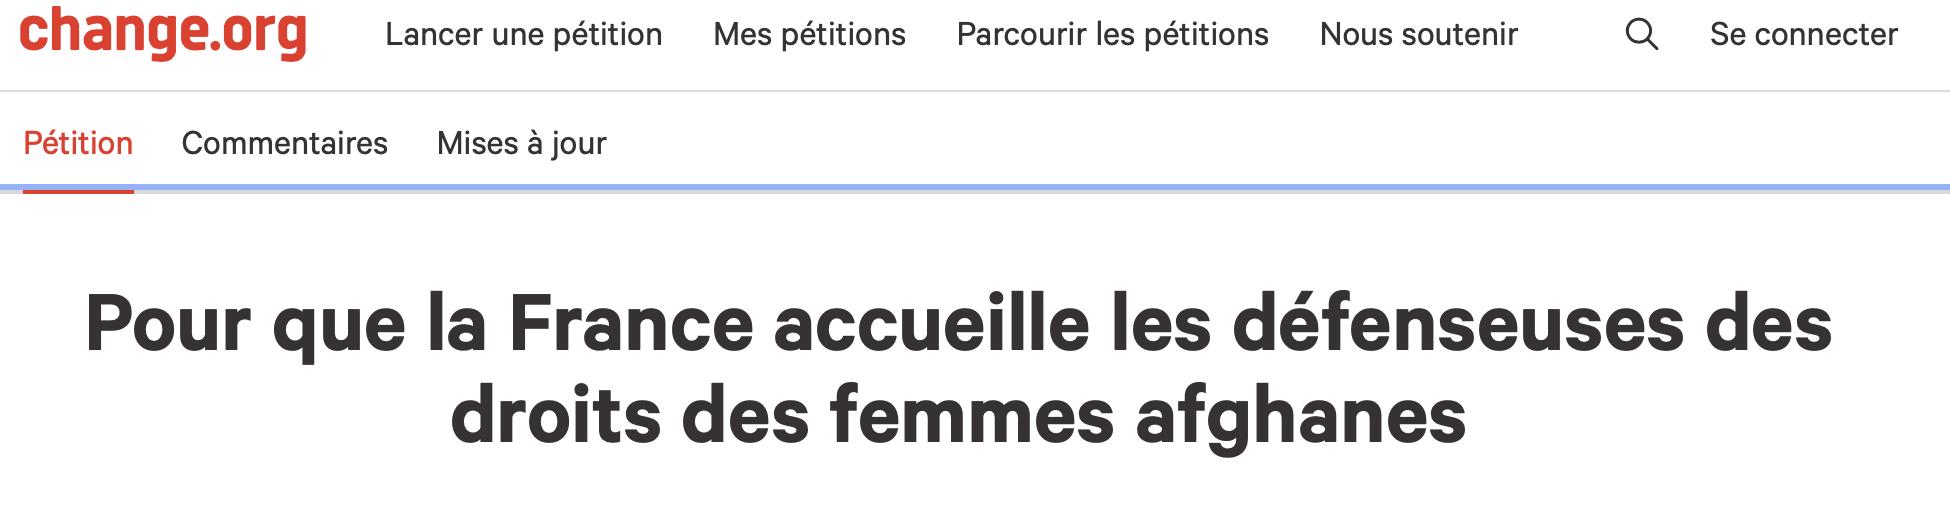 Pétition / Pour que la France accueille les défenseuses des droits des femmes afghanes